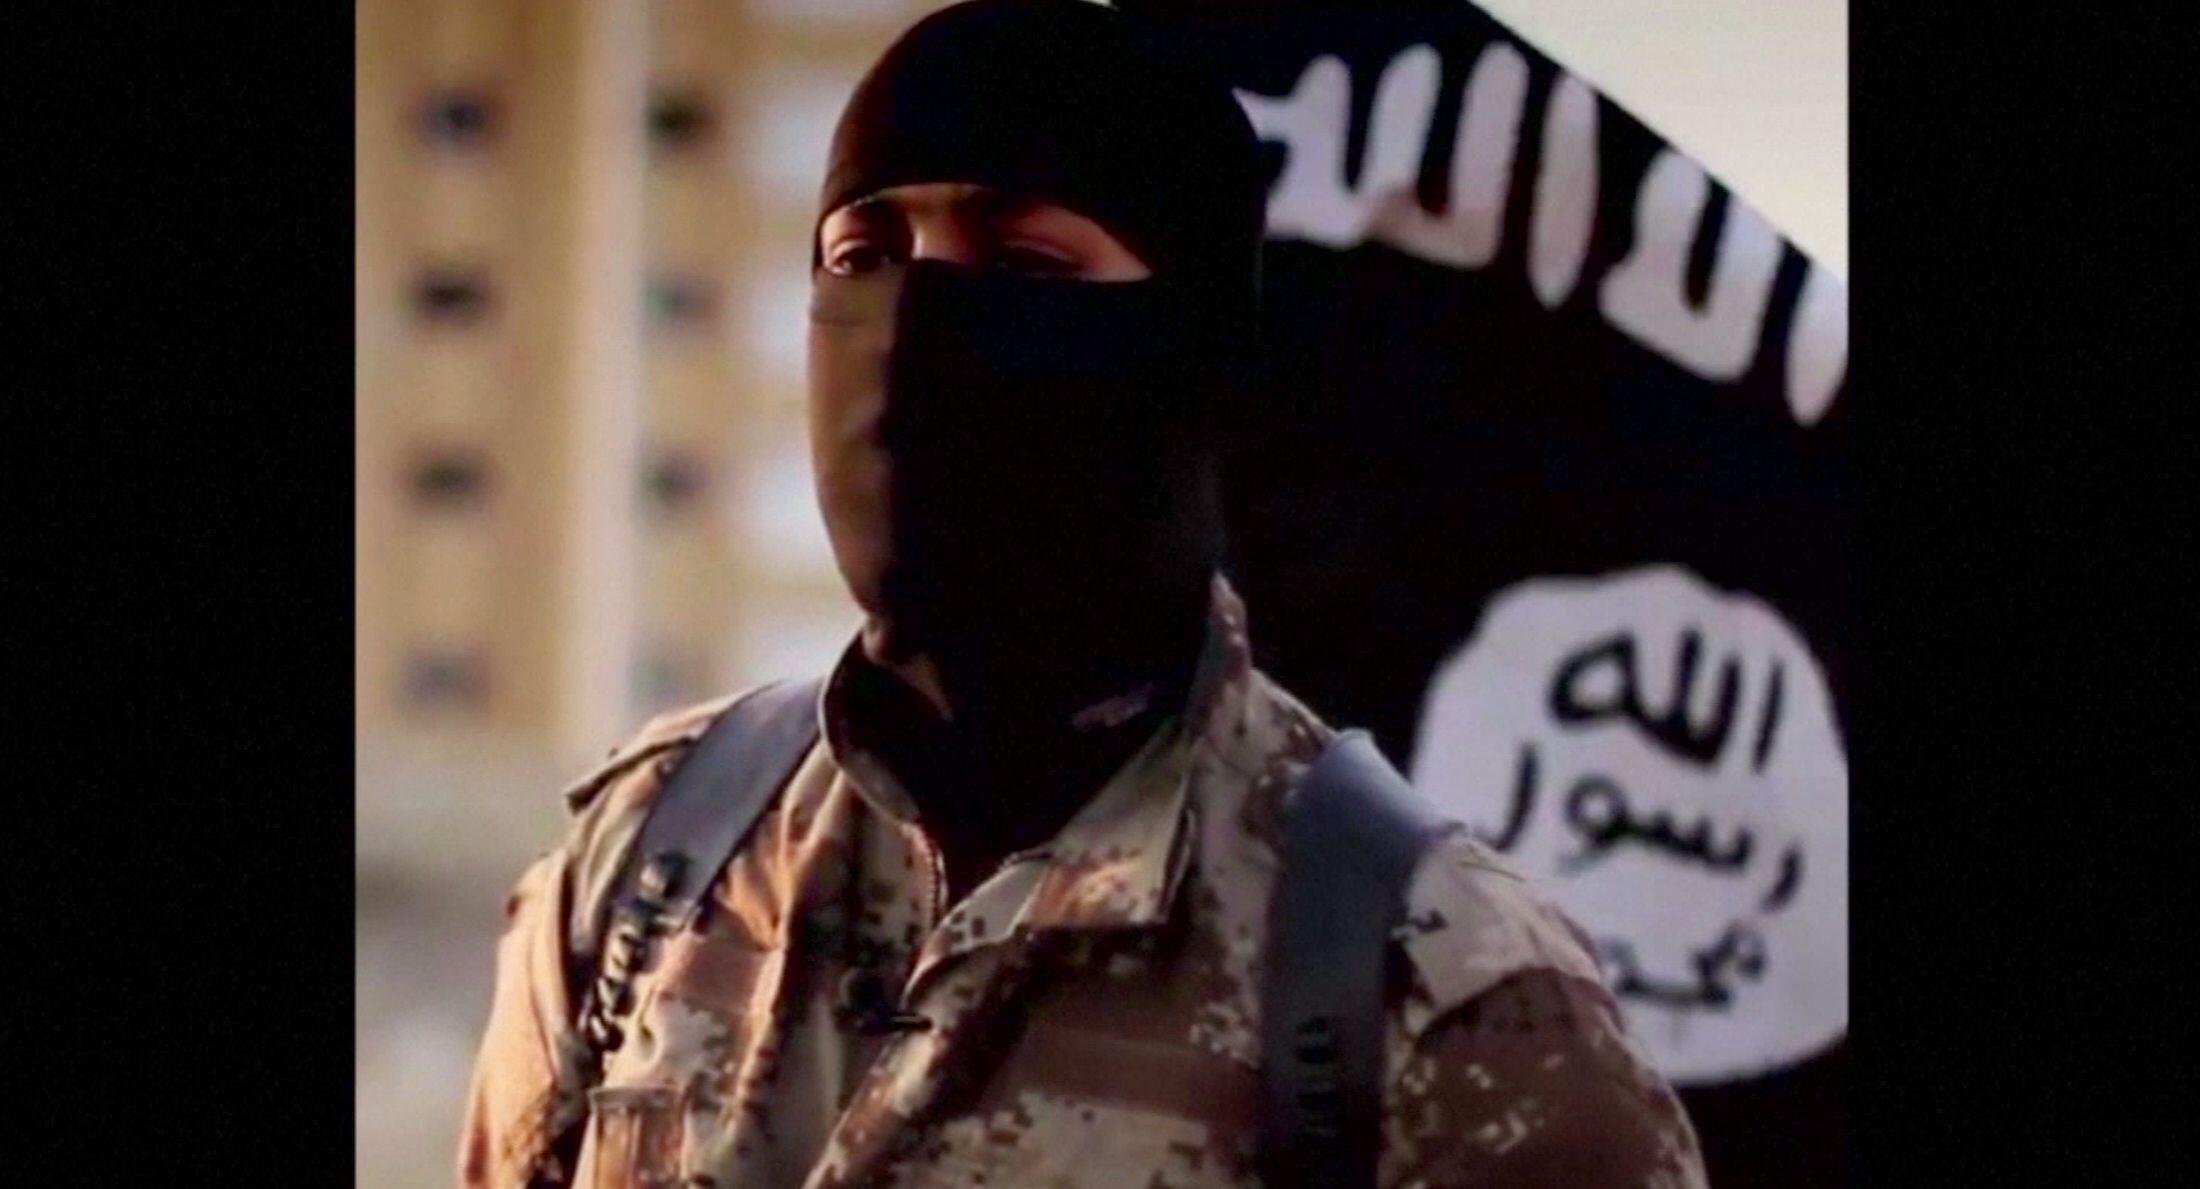 Một người nói giọng Bắc Mỹ đại diện cho tổ chức Nhà nước Hồi giáo. Video phổ biến hồi tháng 9/2014.